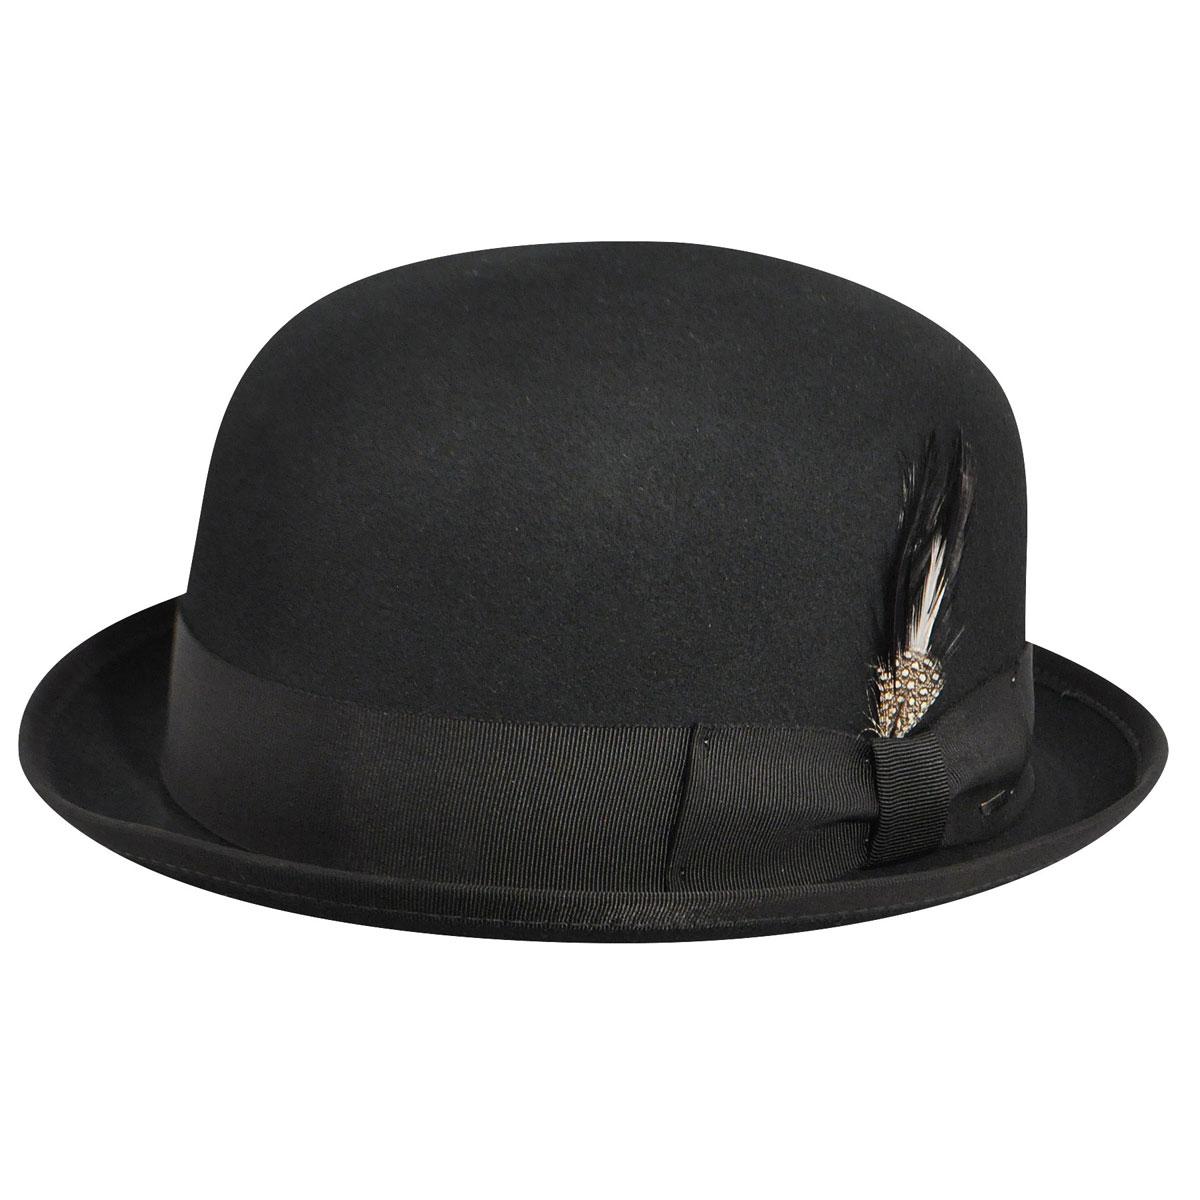 New Edwardian Style Men's Hats 1900-1920 Hollis LiteFelt reg Bowler $95.00 AT vintagedancer.com